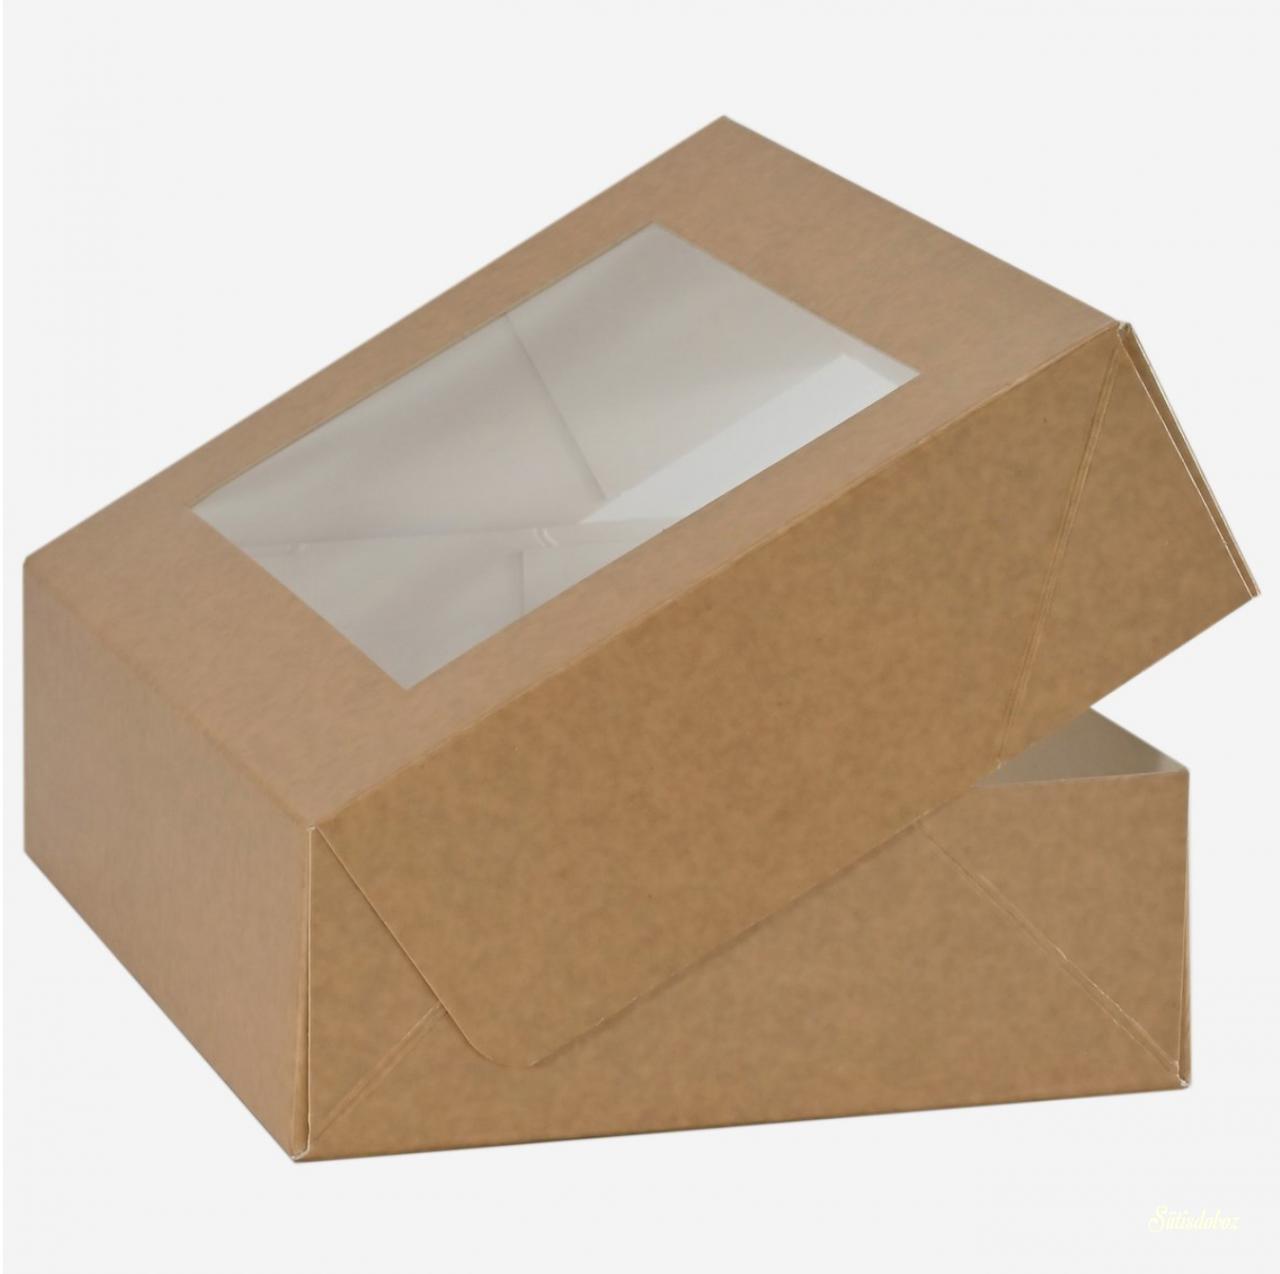 Natúr ablakos sütis doboz 18.5x15x6cm